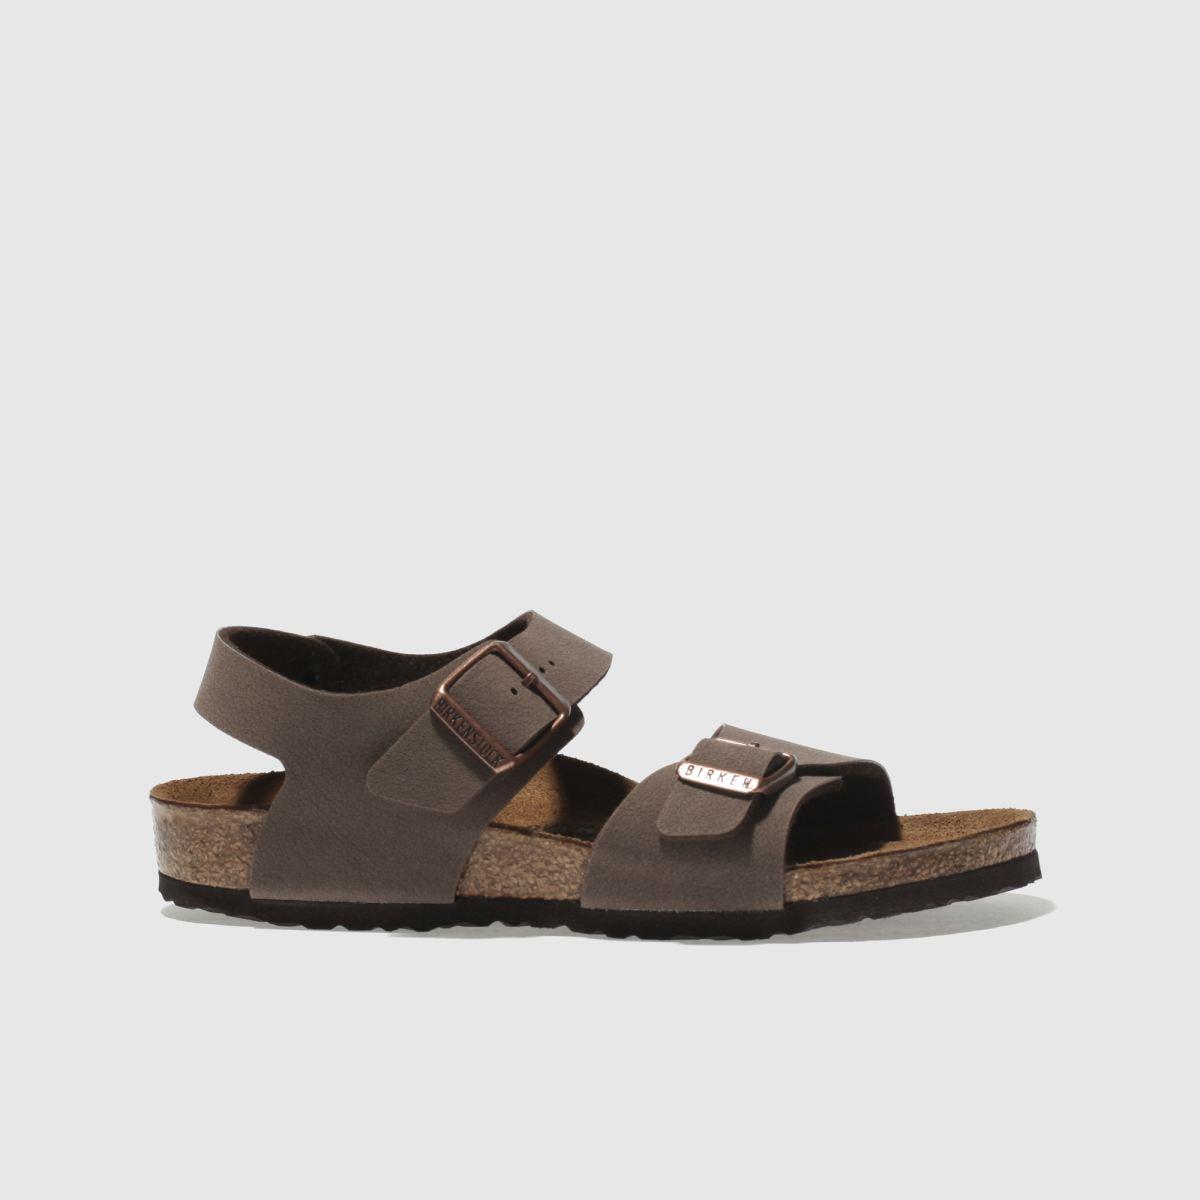 Birkenstock Brown New York Sandals Junior